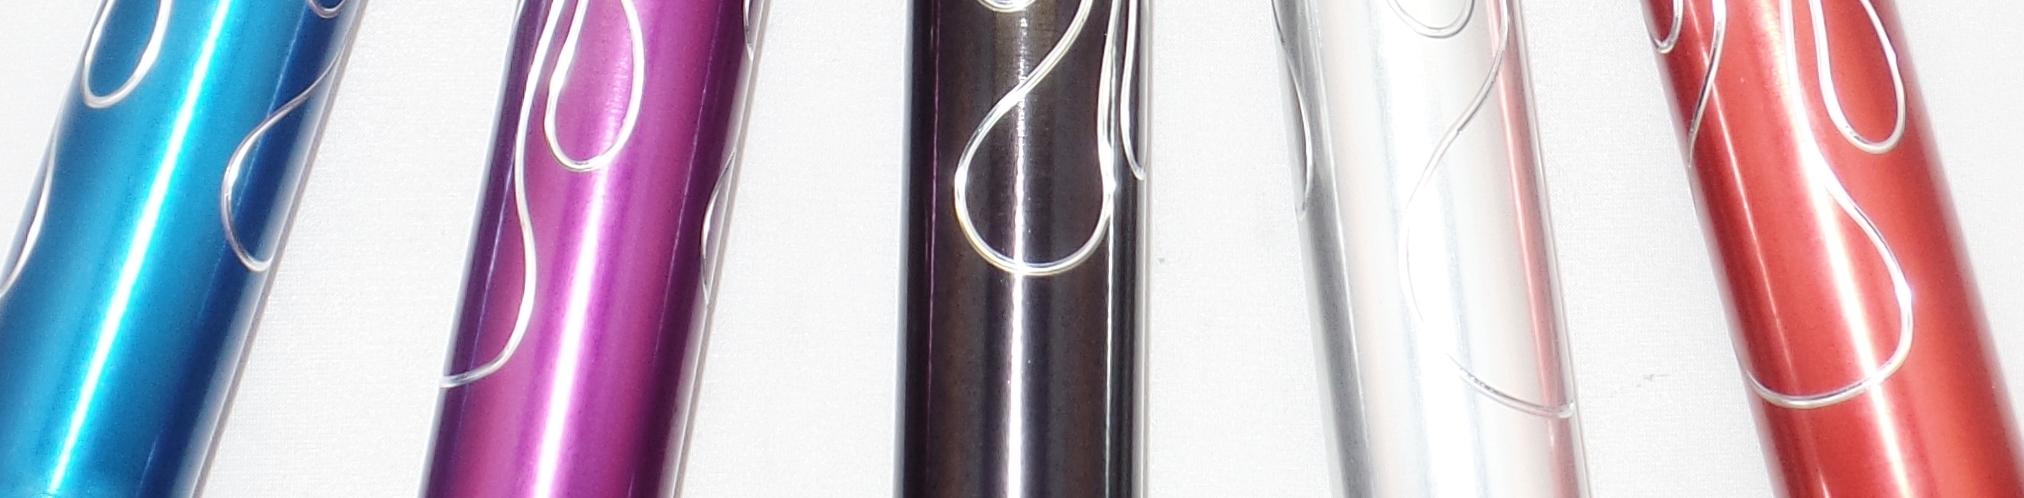 slide-tube-close.jpg